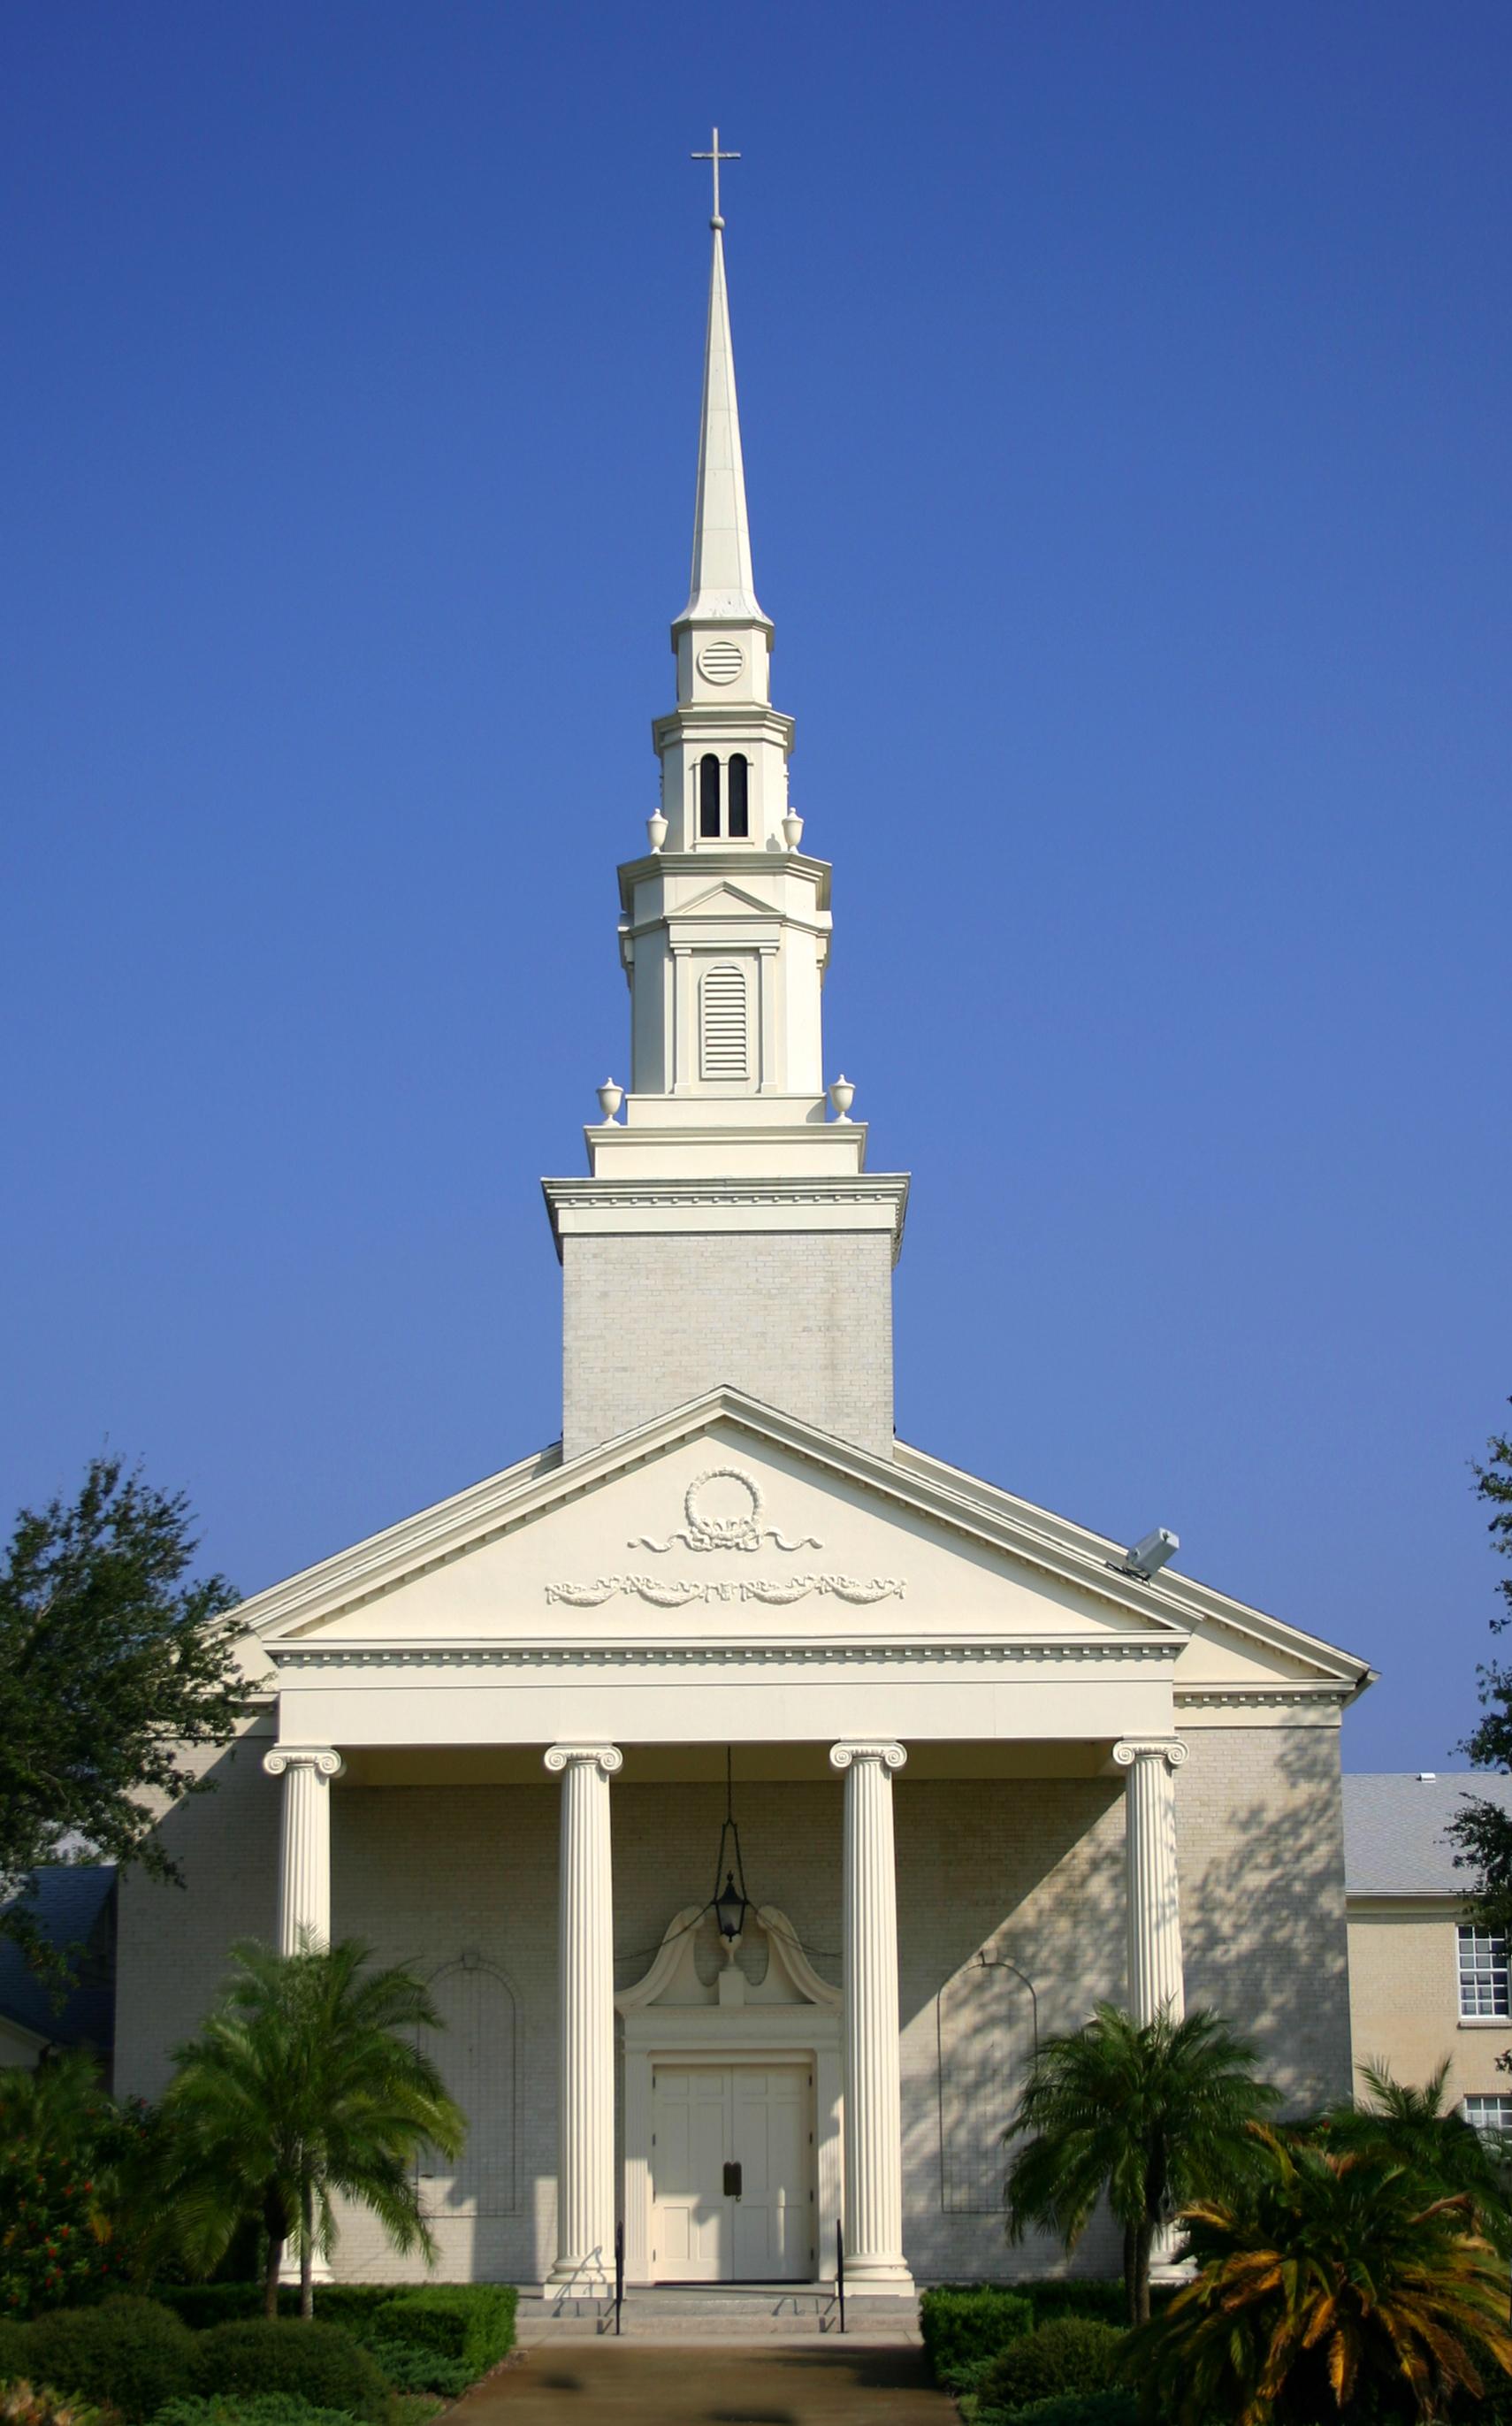 A Christian church